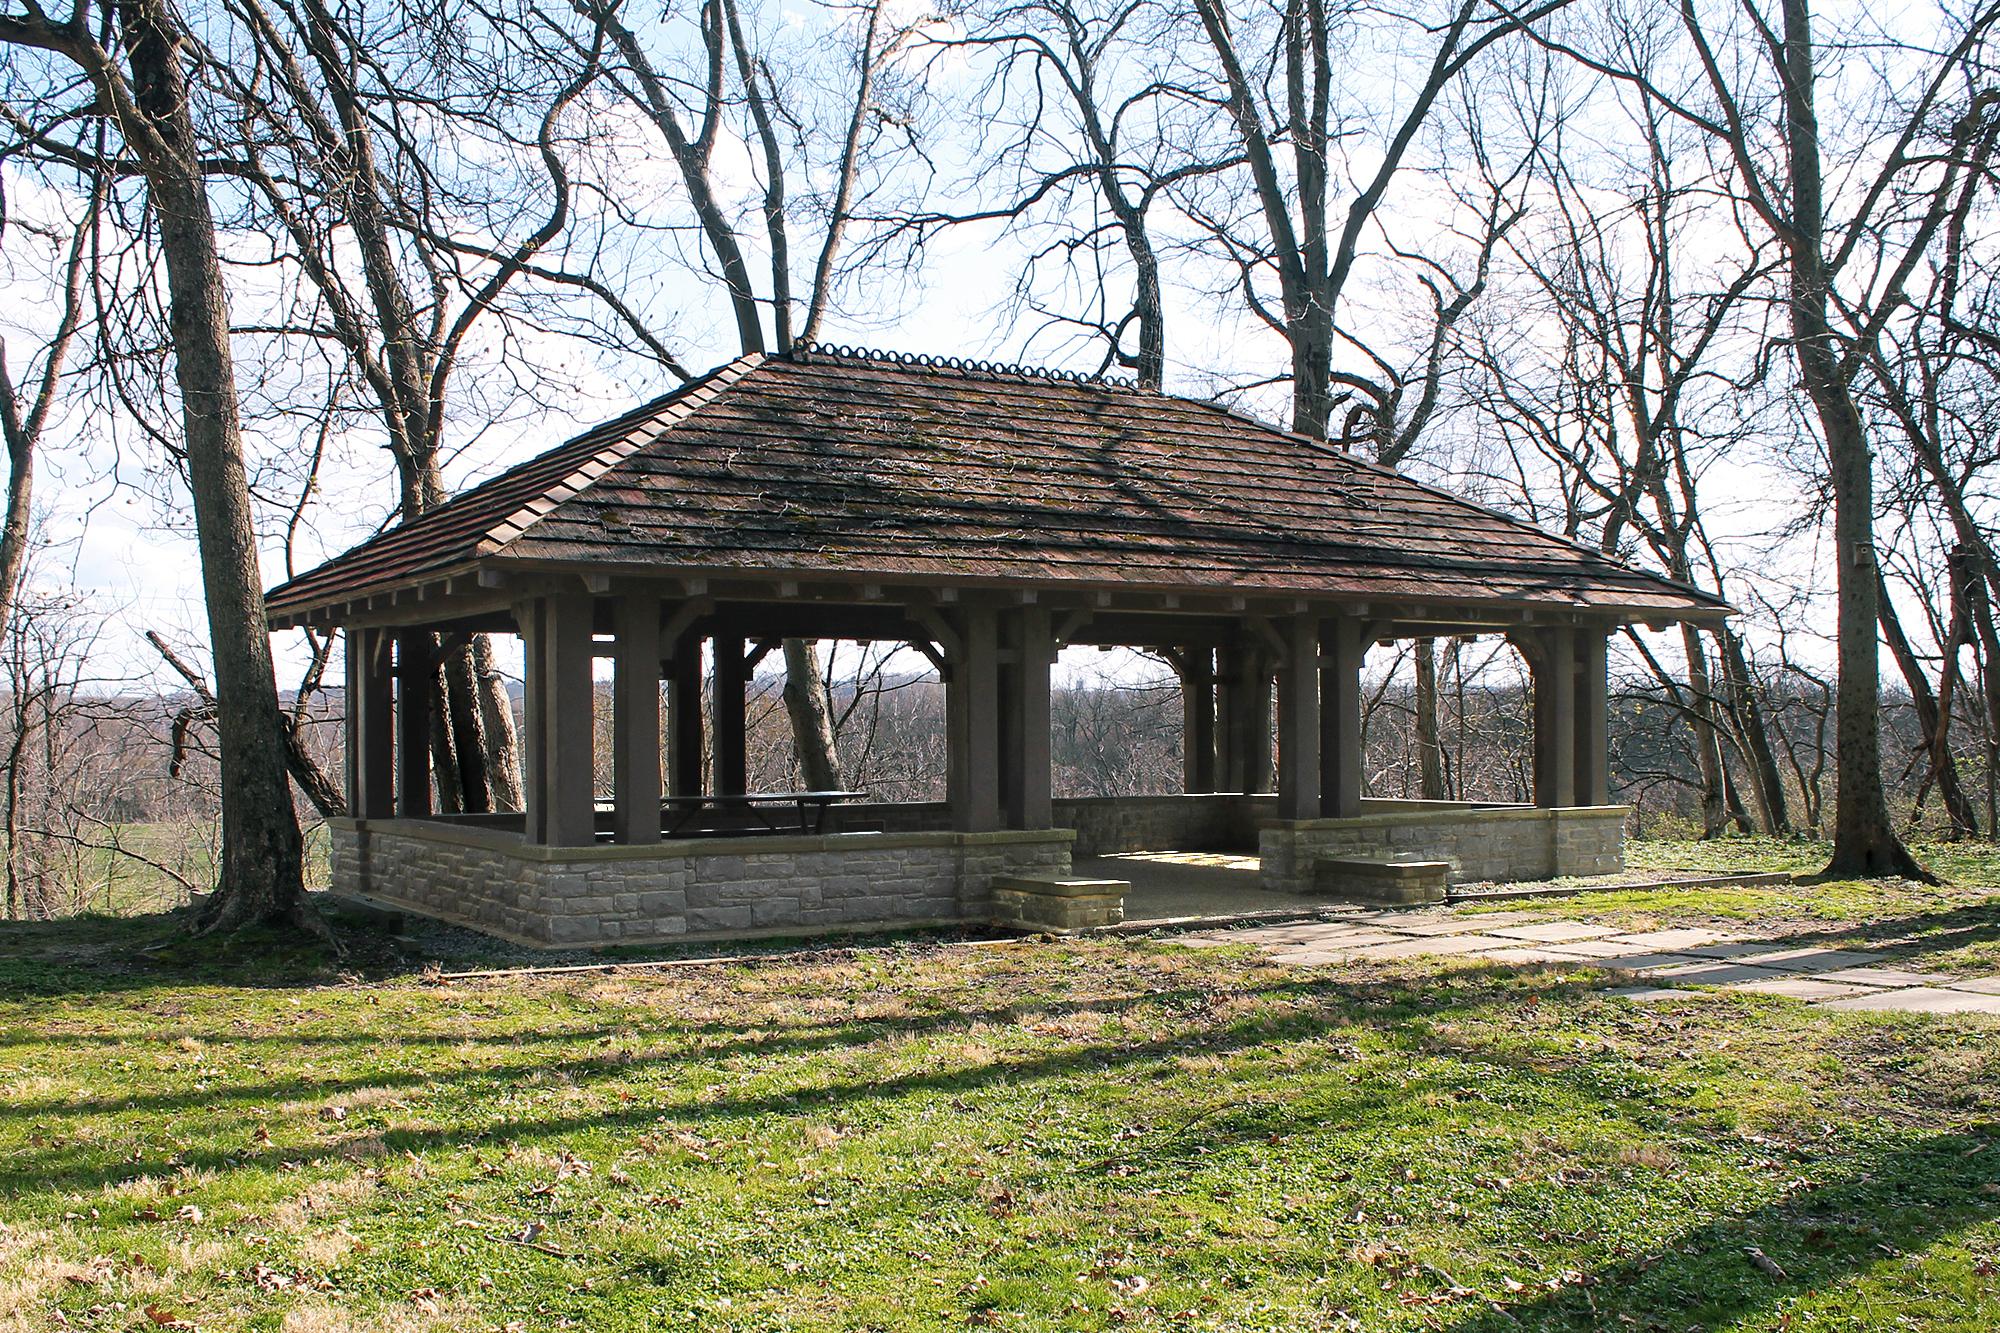 Public Park Shelter Mariemont Wilcox Architecture